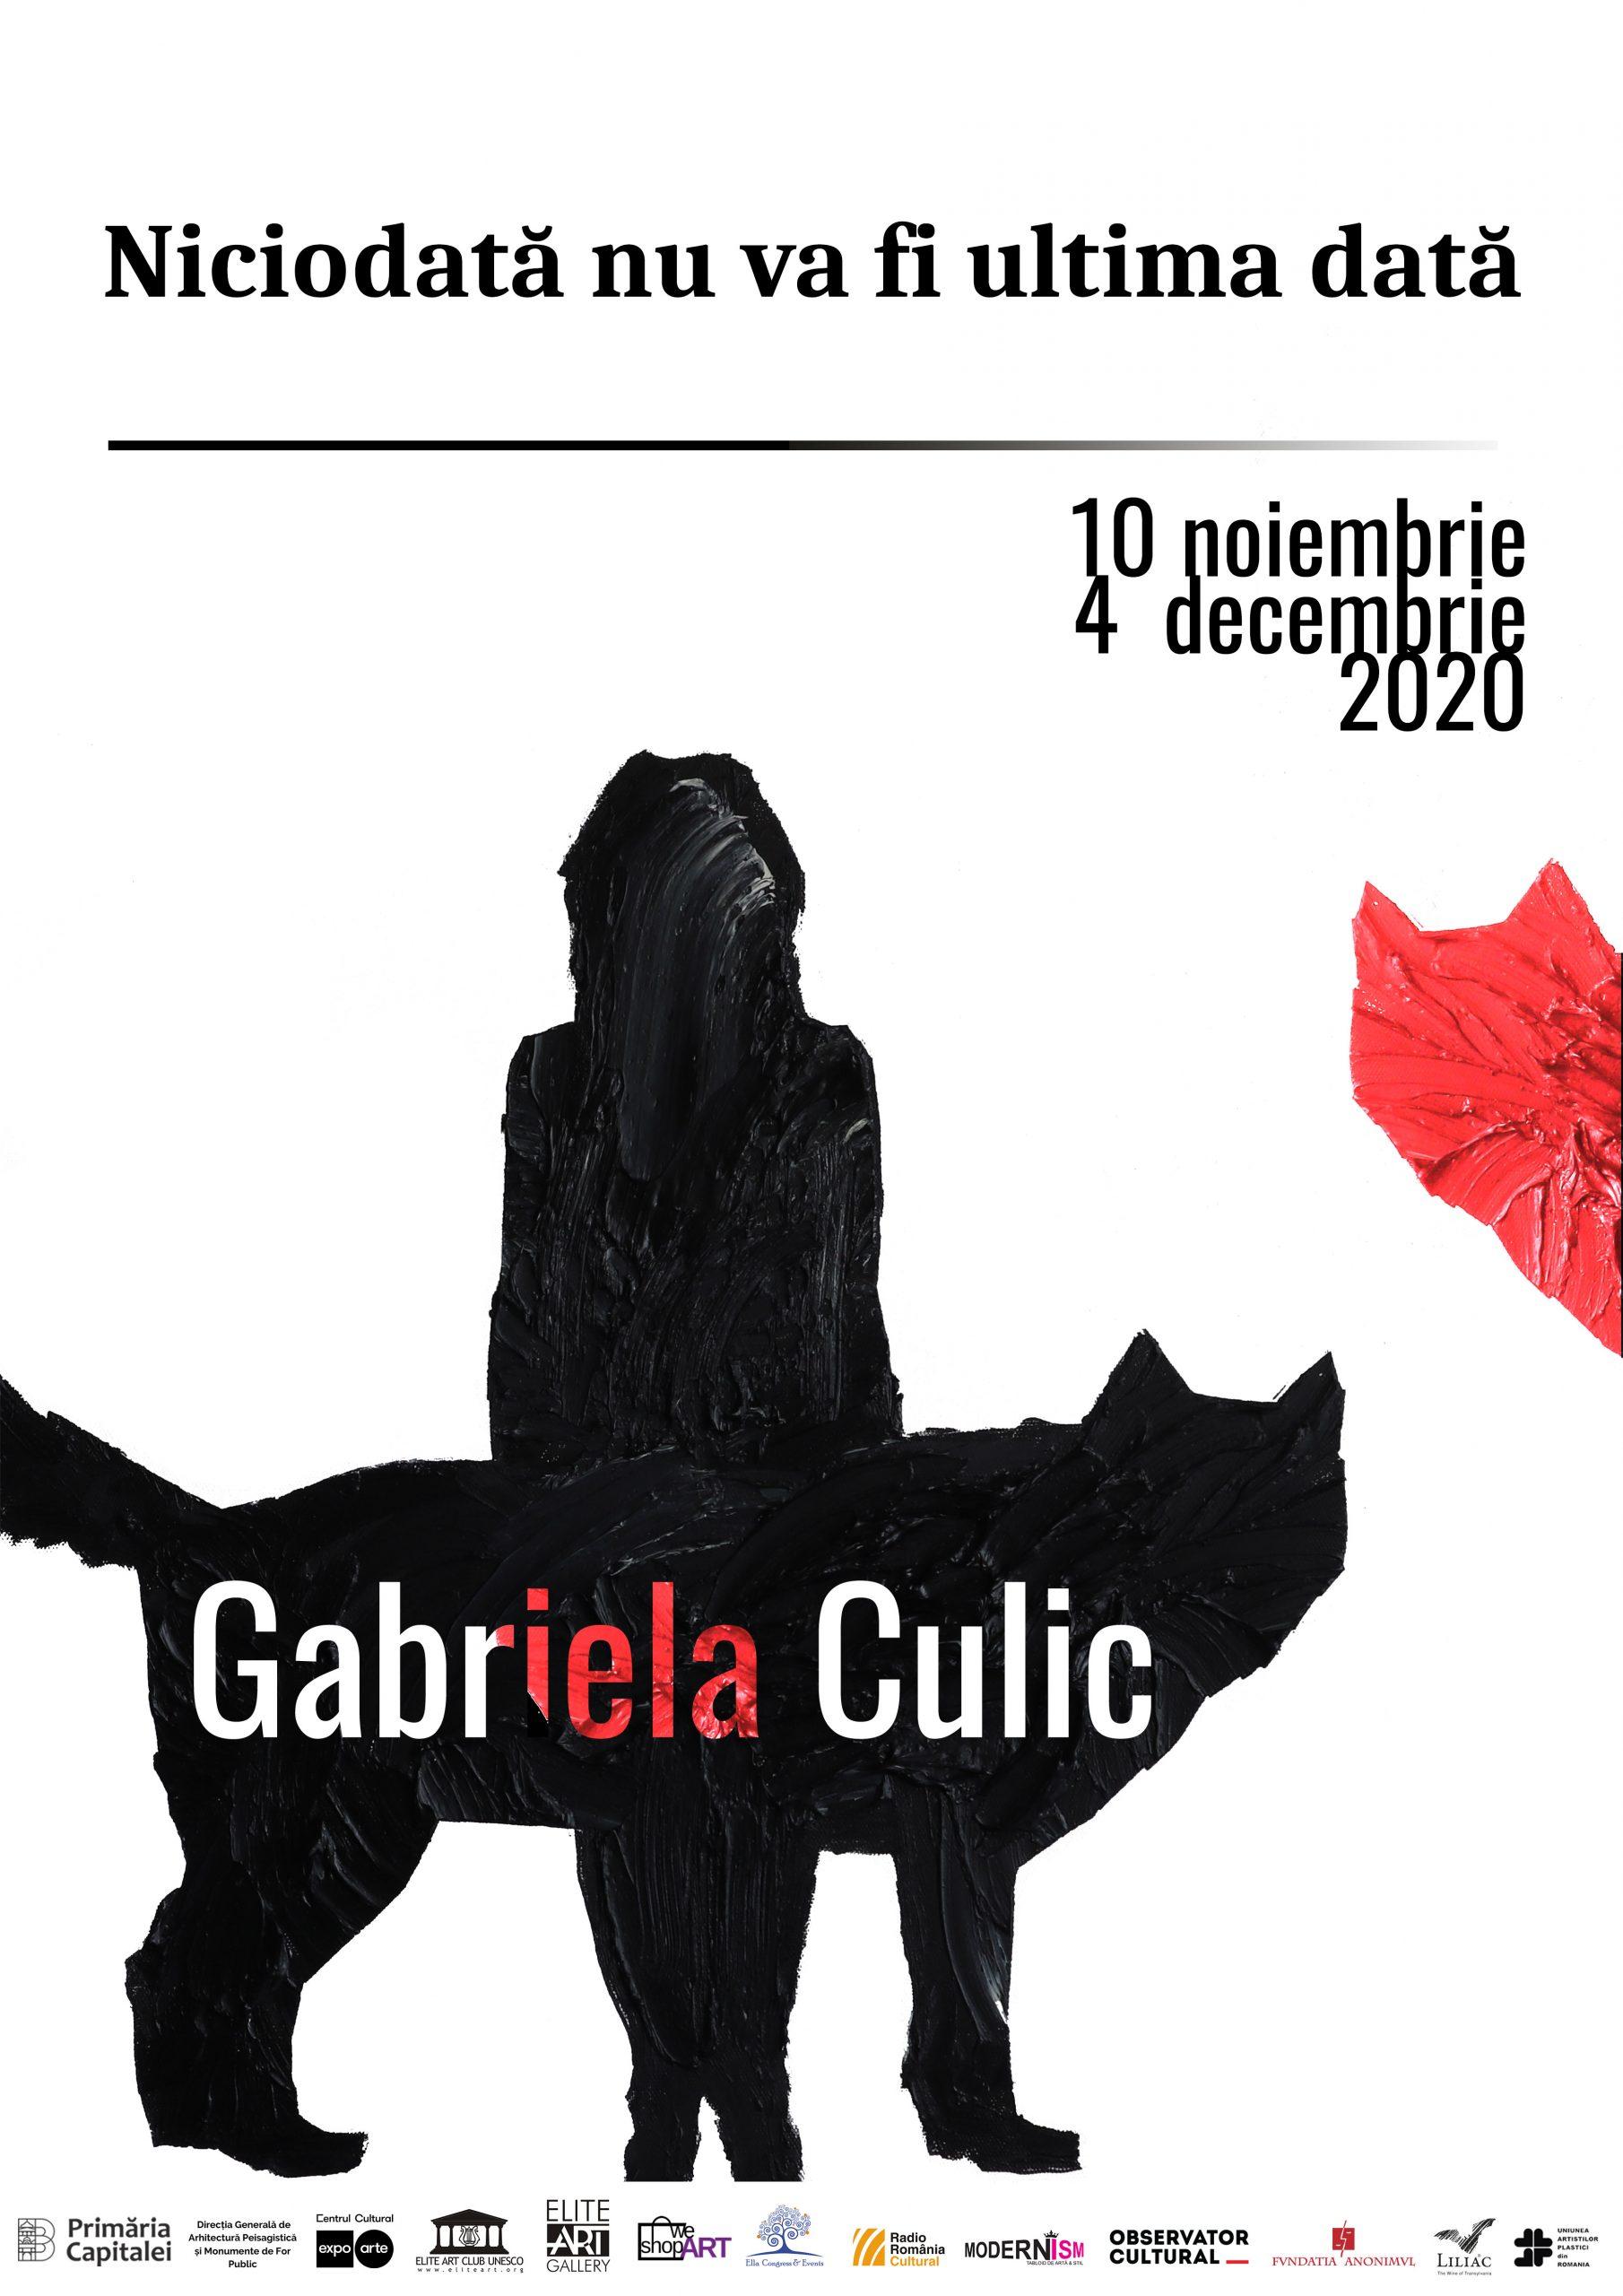 Niciodată nu va fi ultima dată/ Gabriela Culic